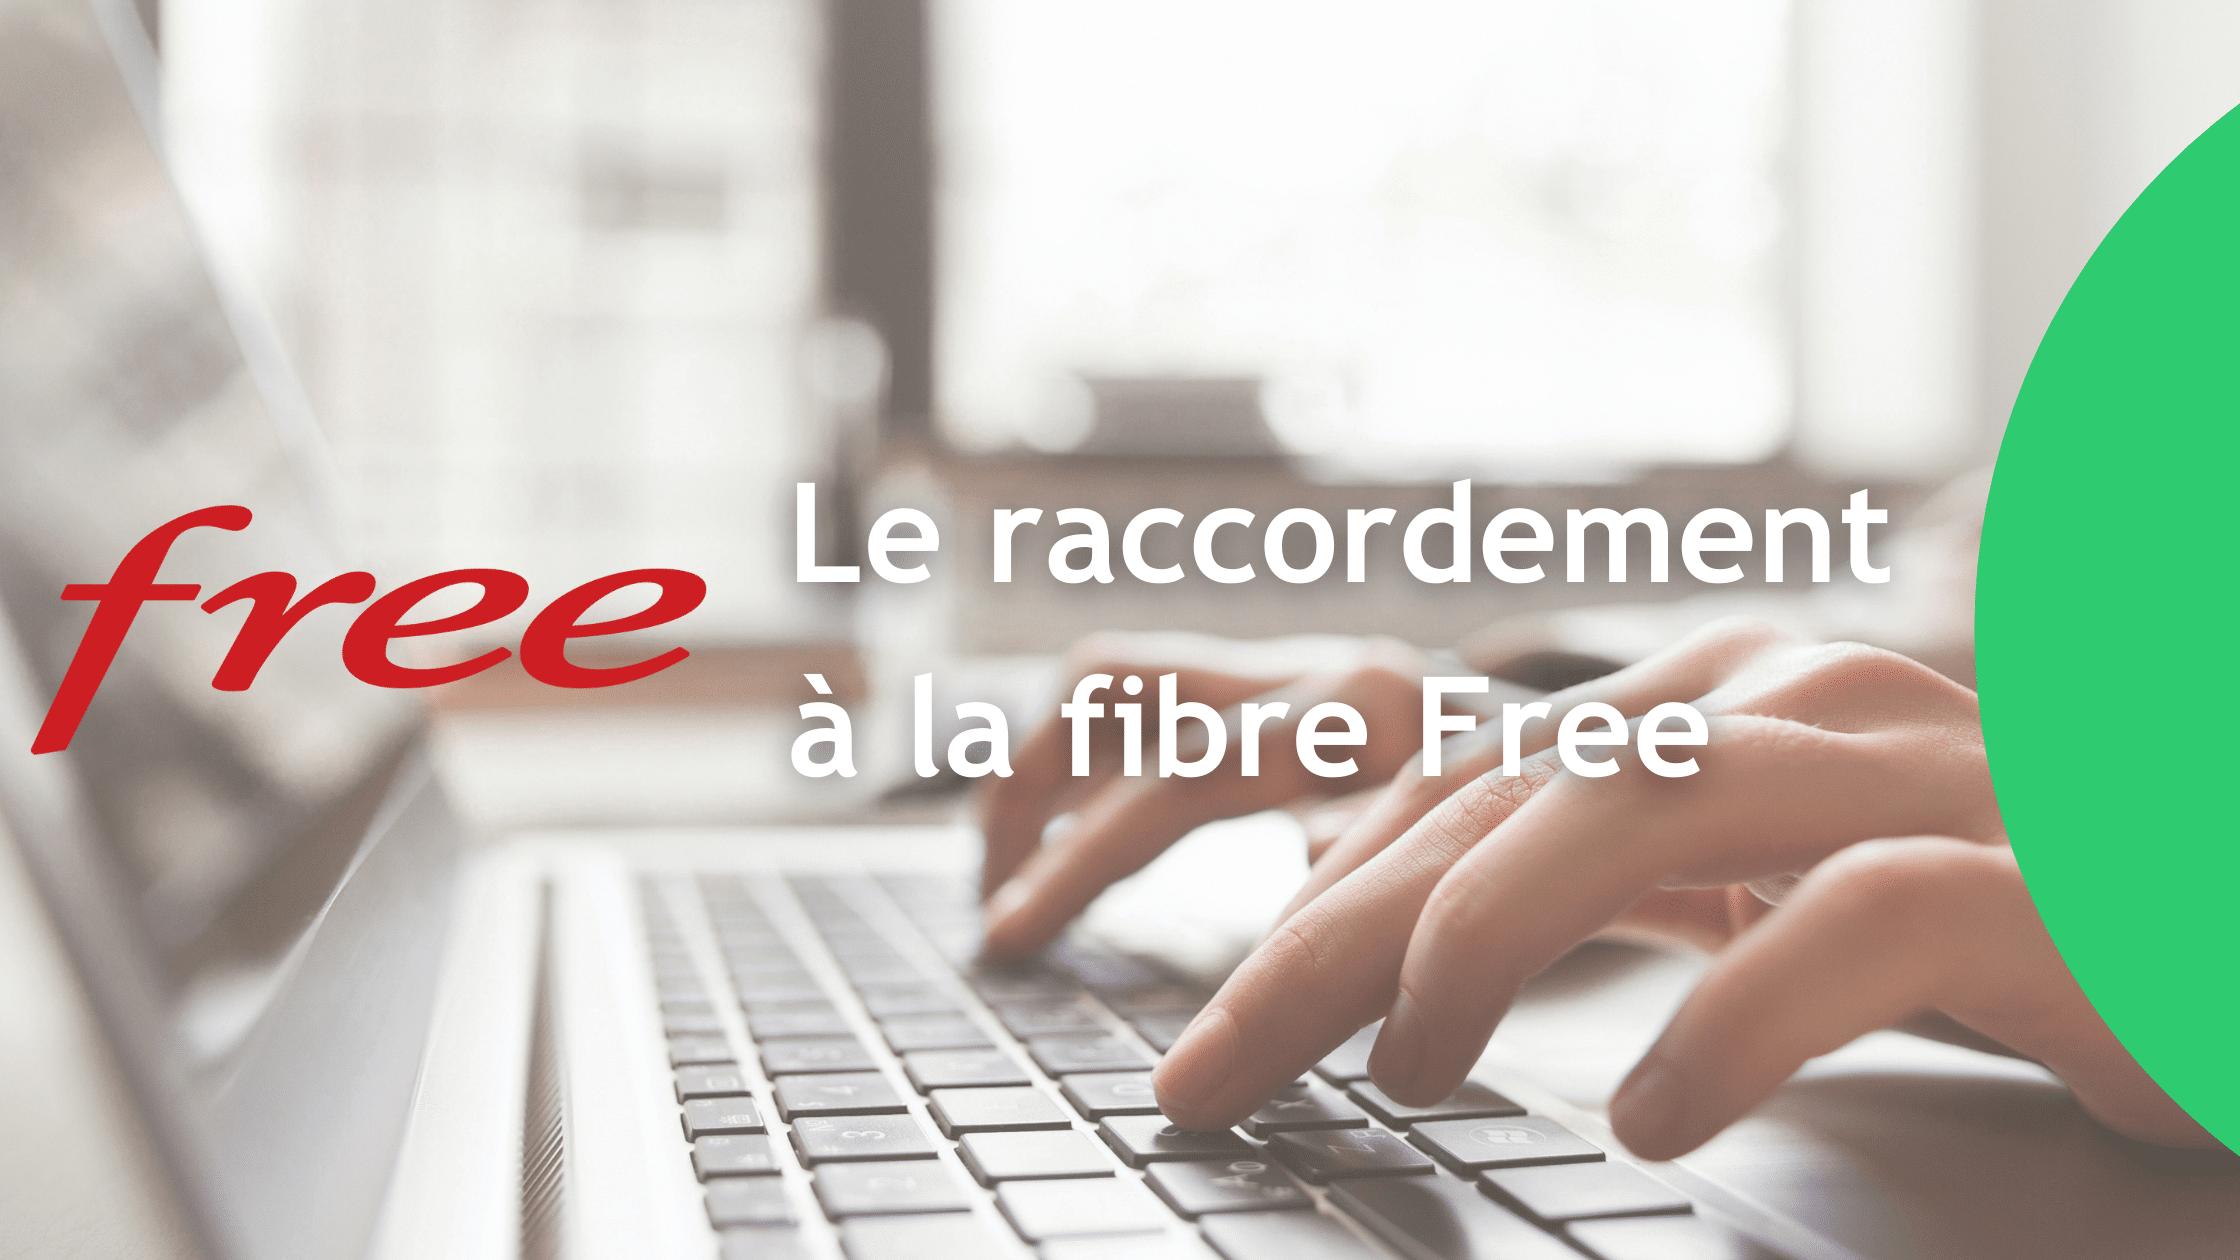 Le raccordement à la fibre Free